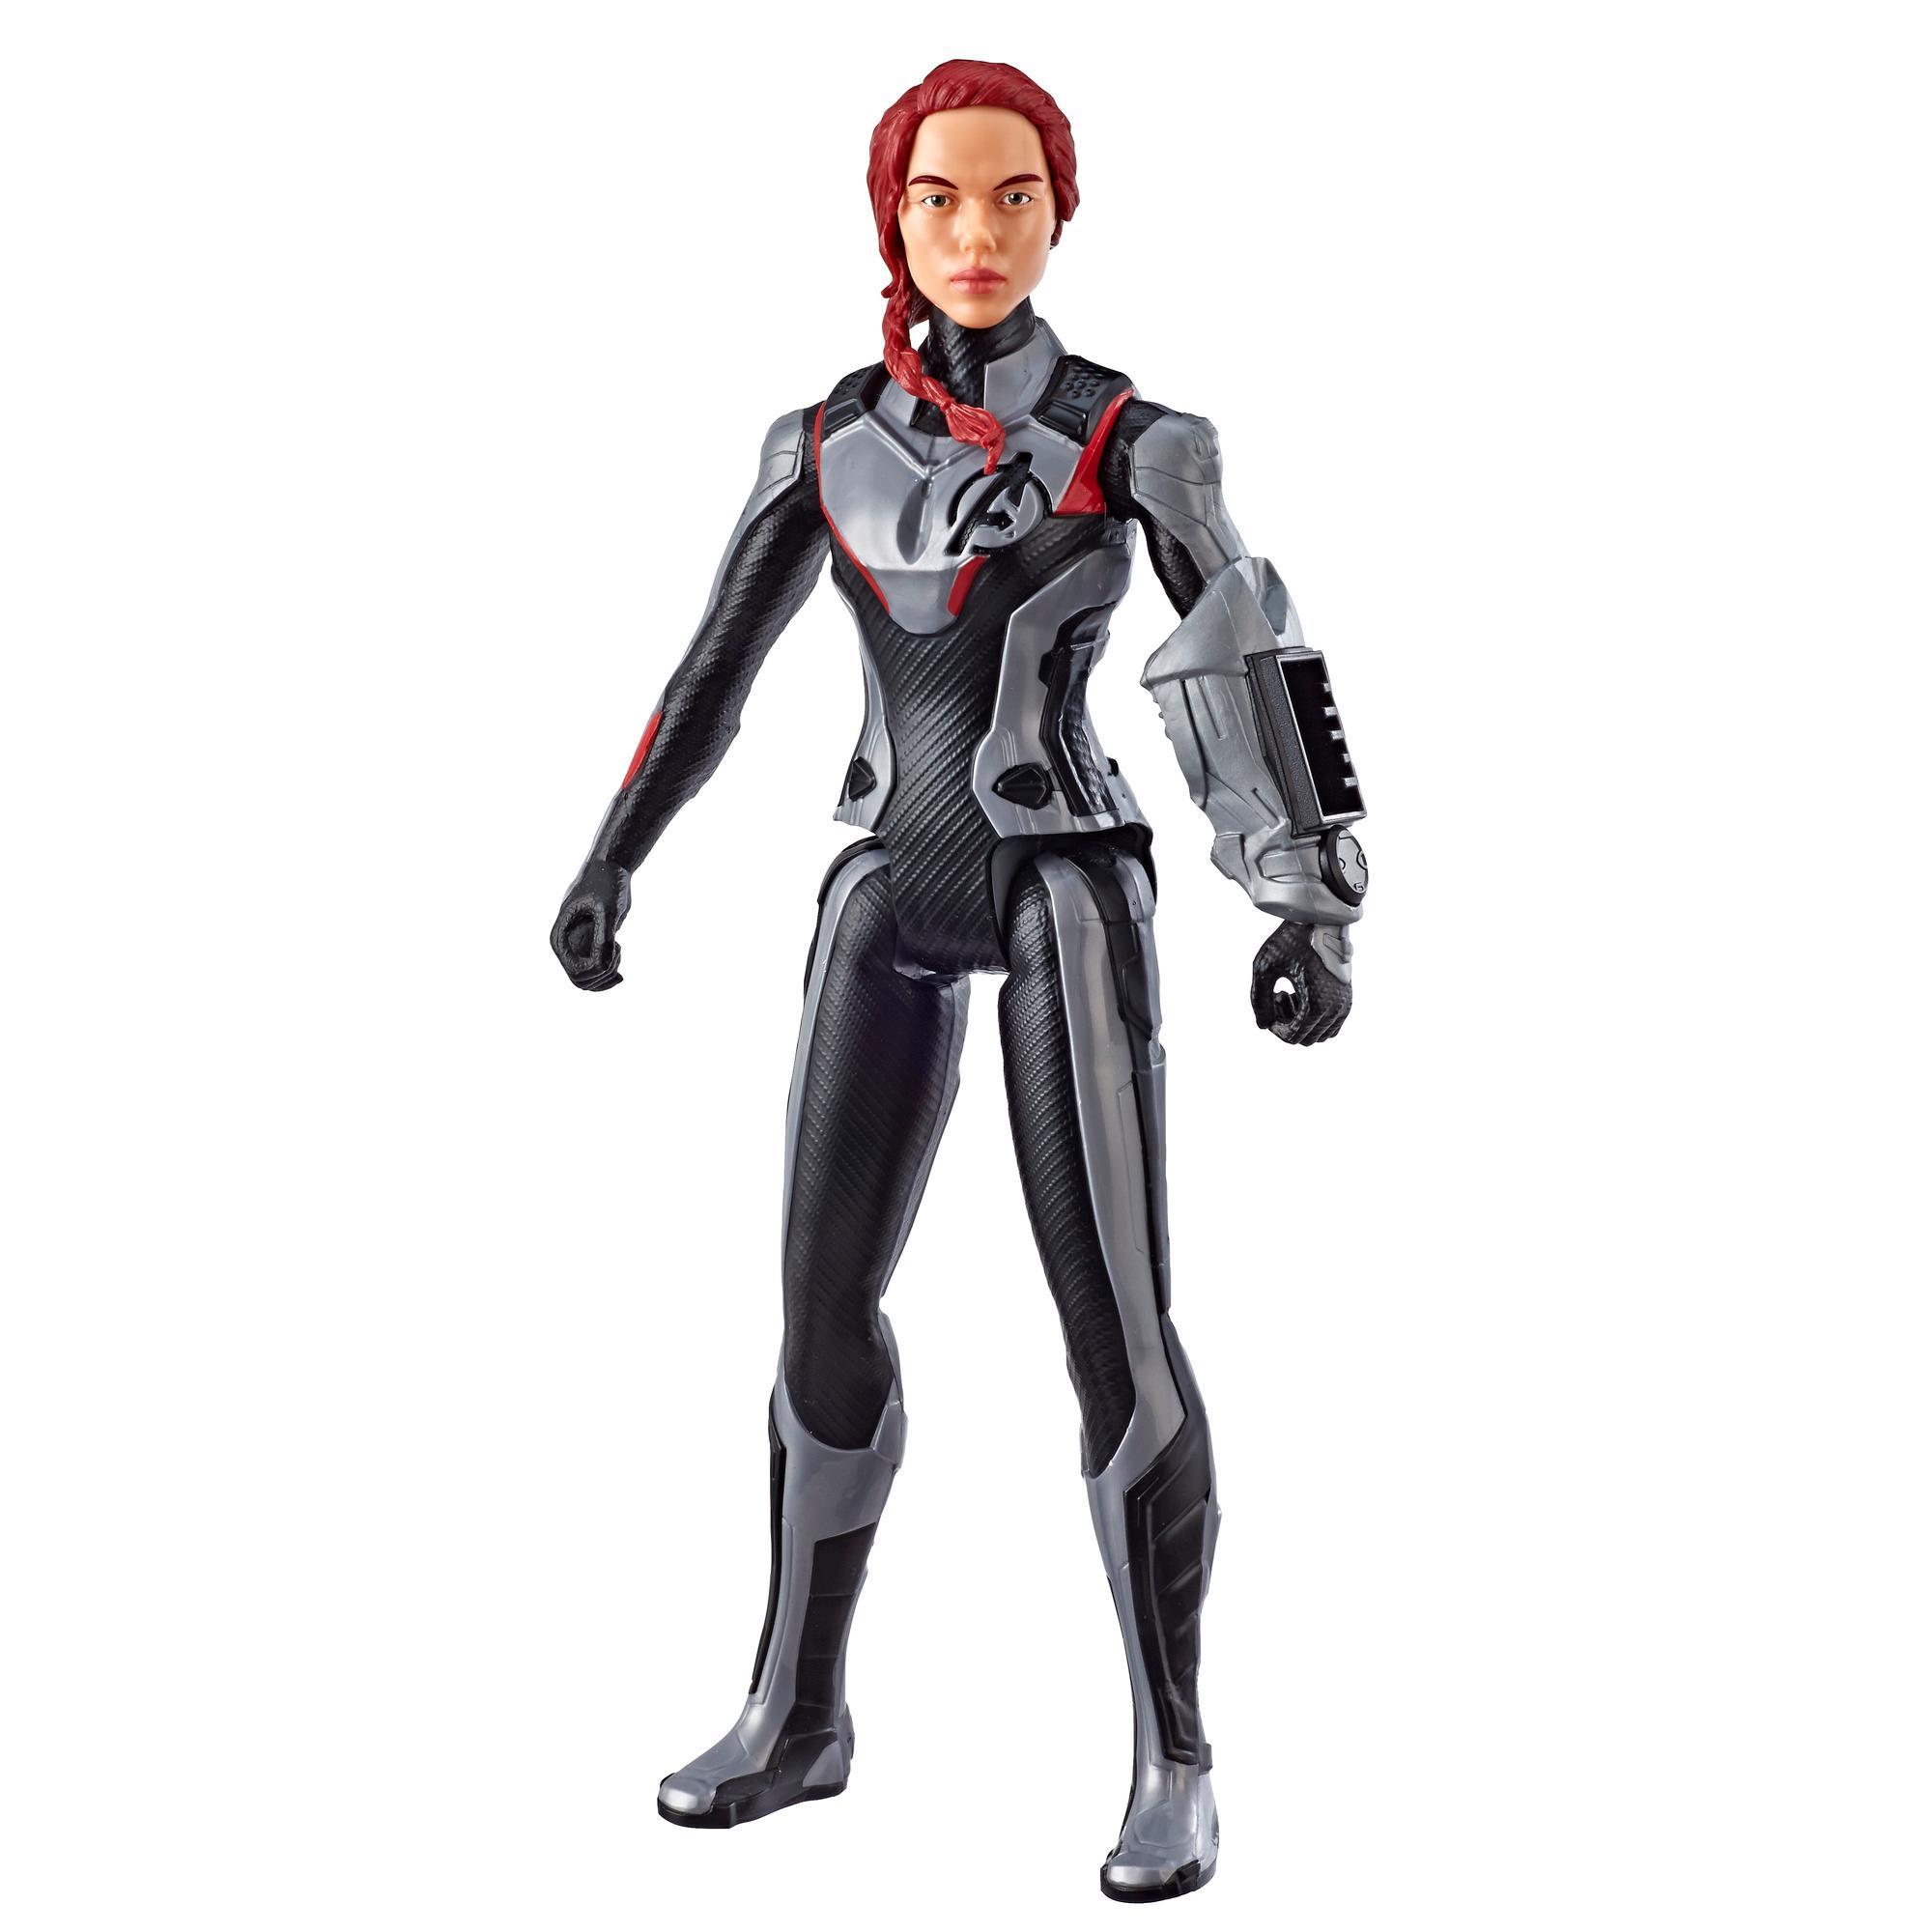 Marvel Avengers: Endgame - Vedova Nera Black WidowTitan Hero compatibile con Power FX (Action Figure da 30 cm, Power FX non incluso)